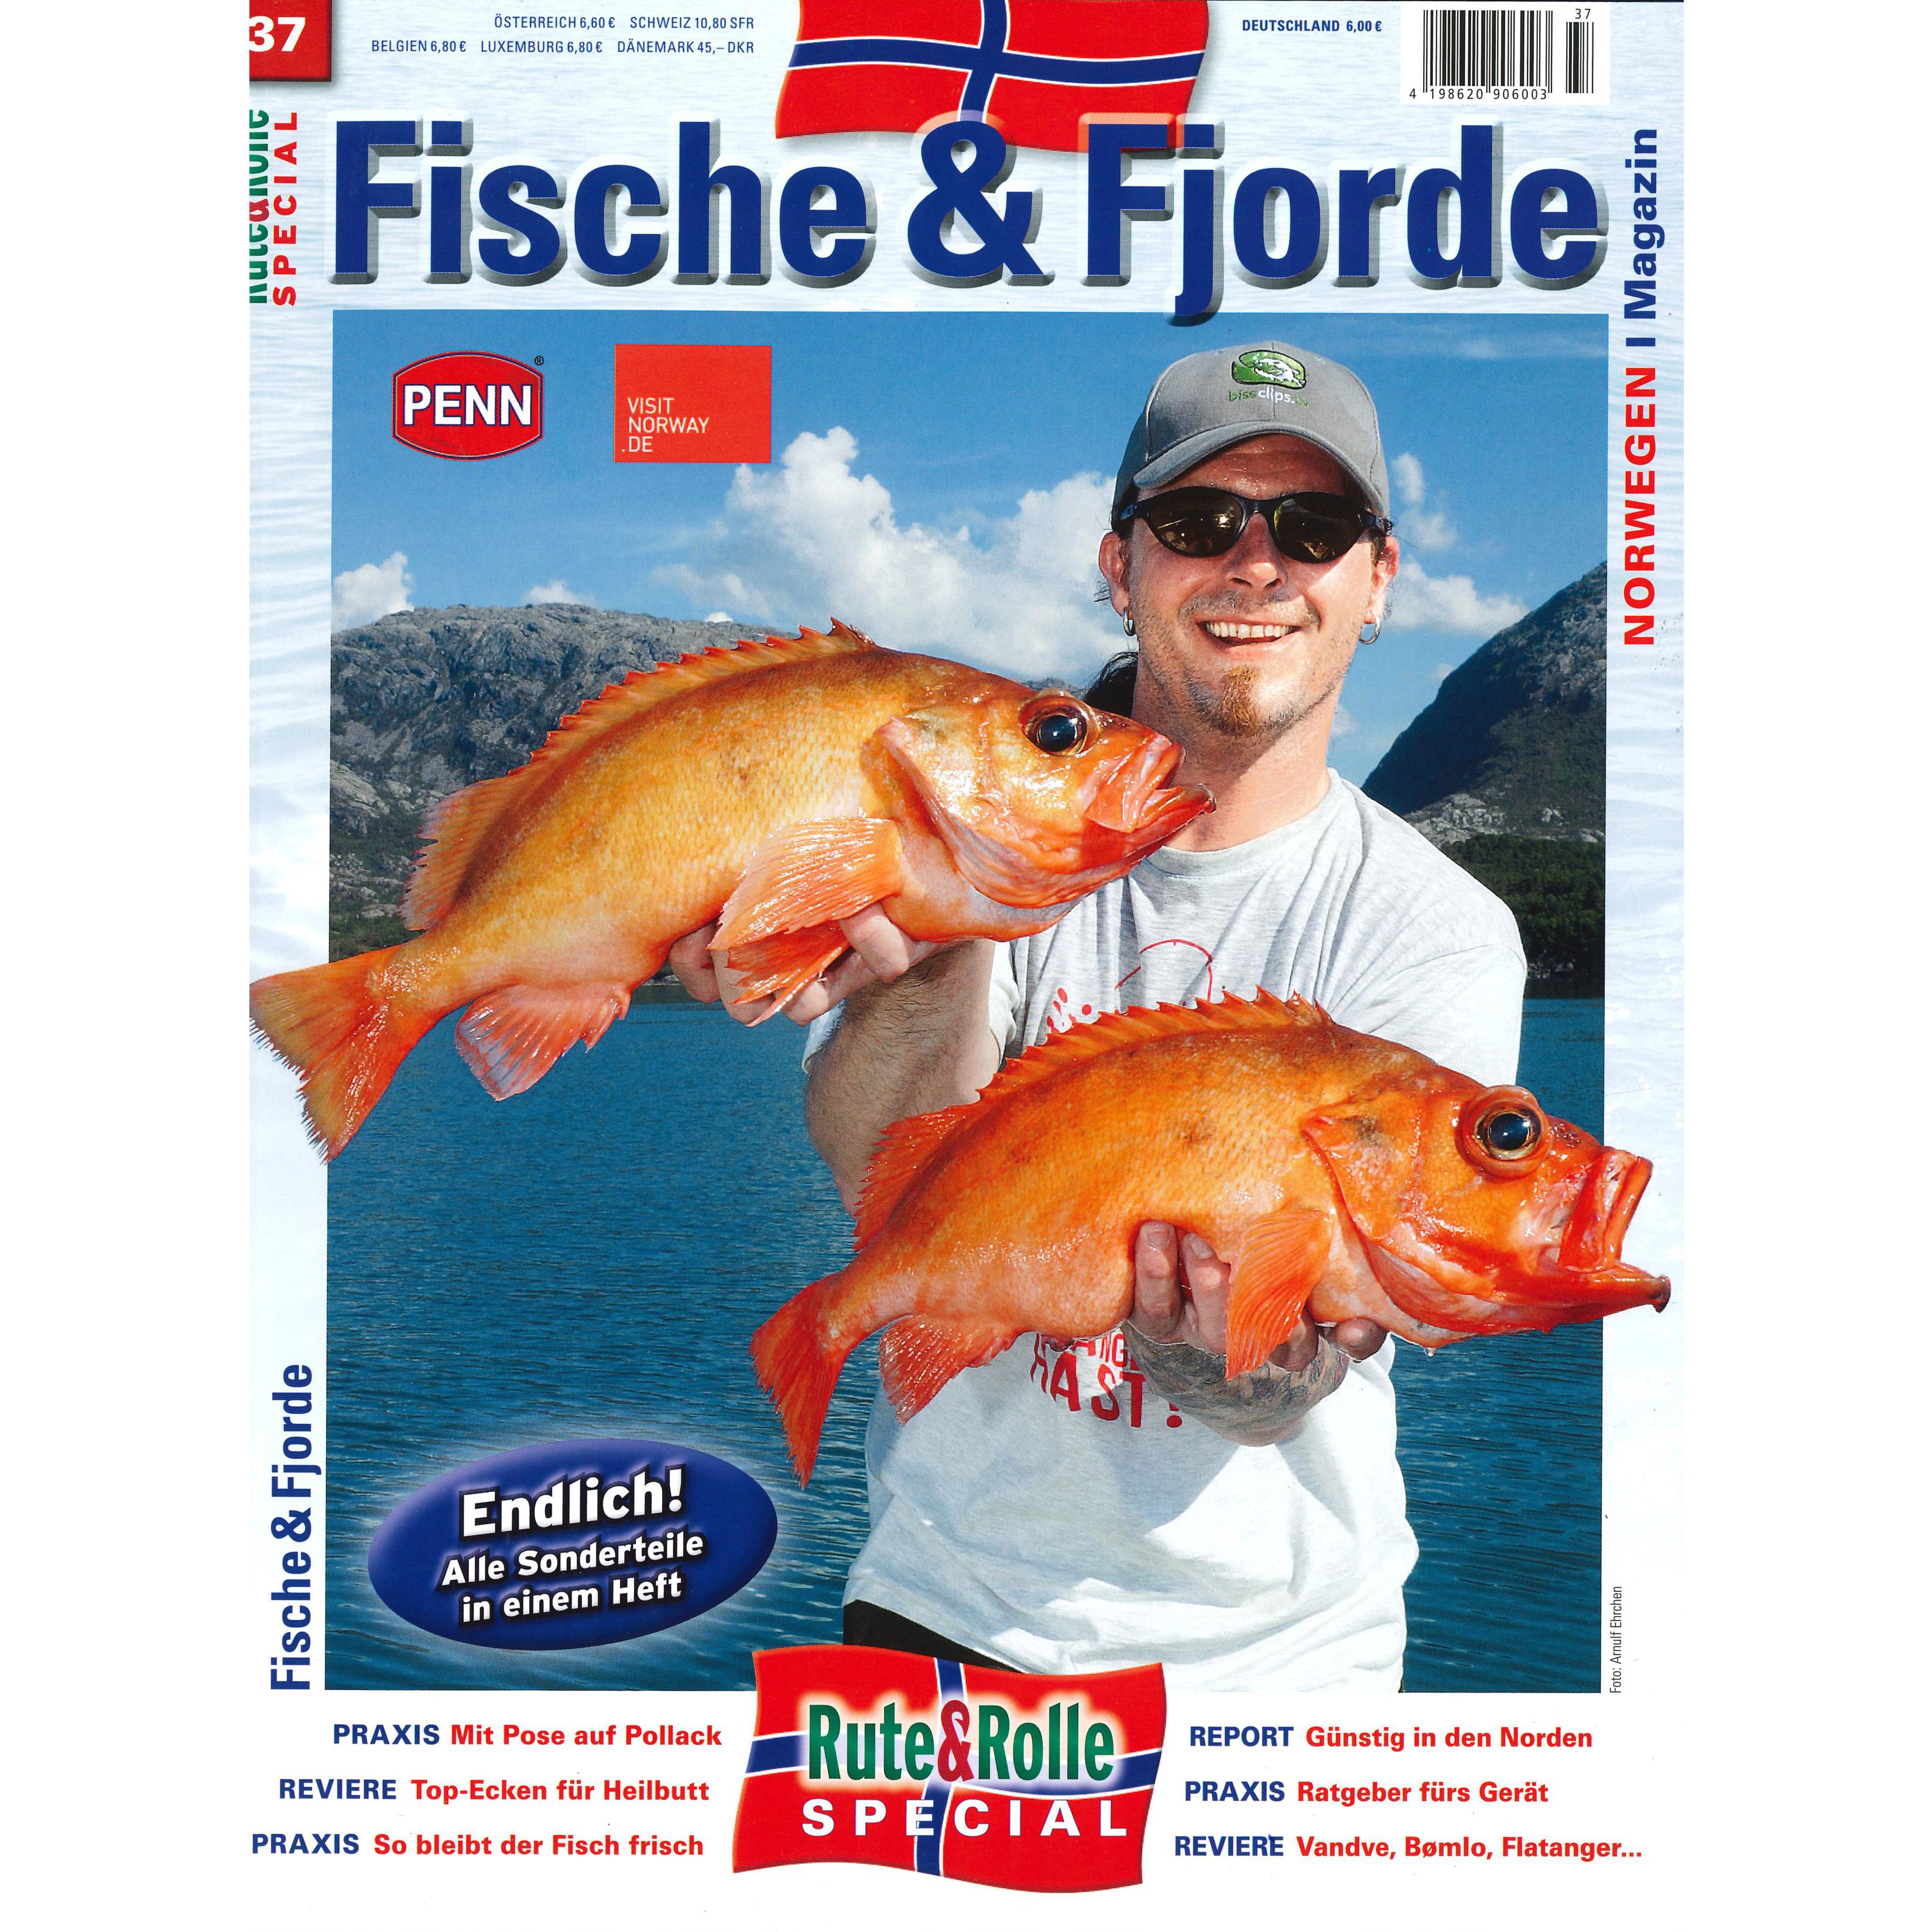 FISCHE&FJORDE 37